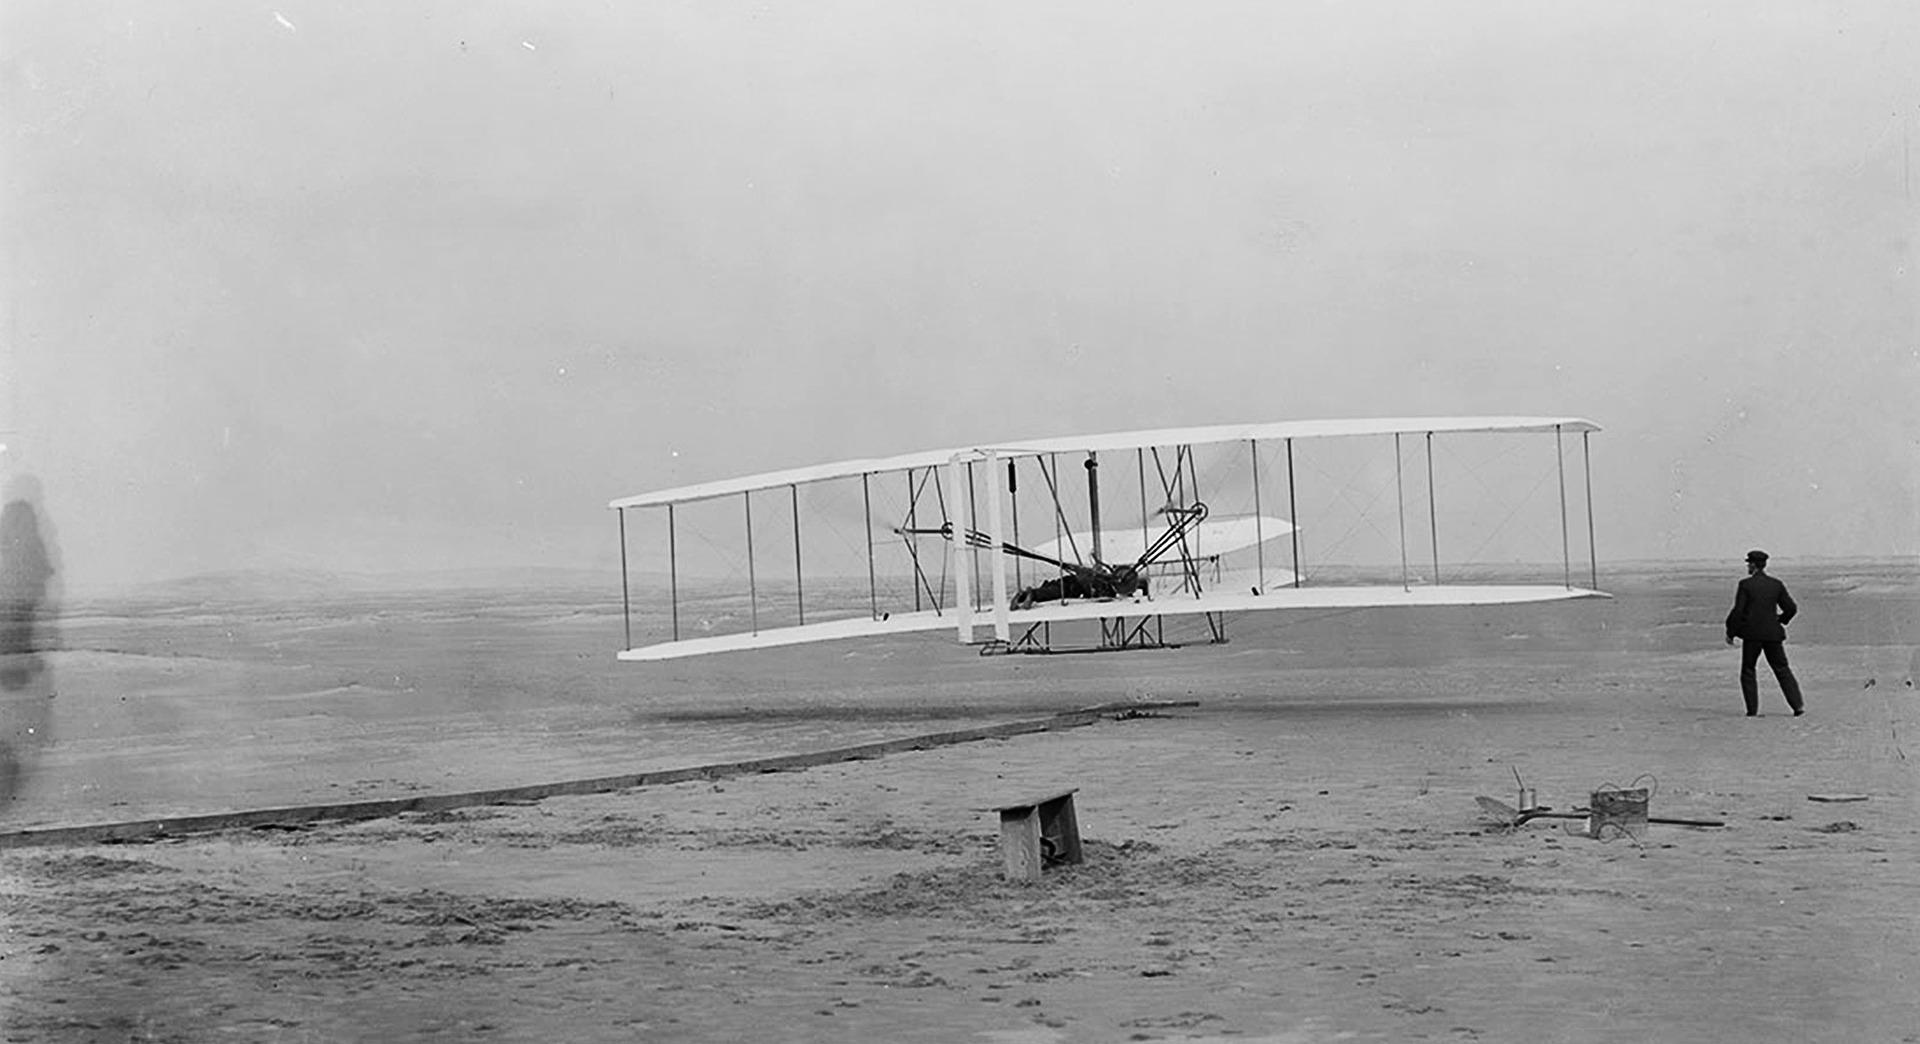 Haben die Gebrüder Wright wirklich das Flugzeug erfunden?